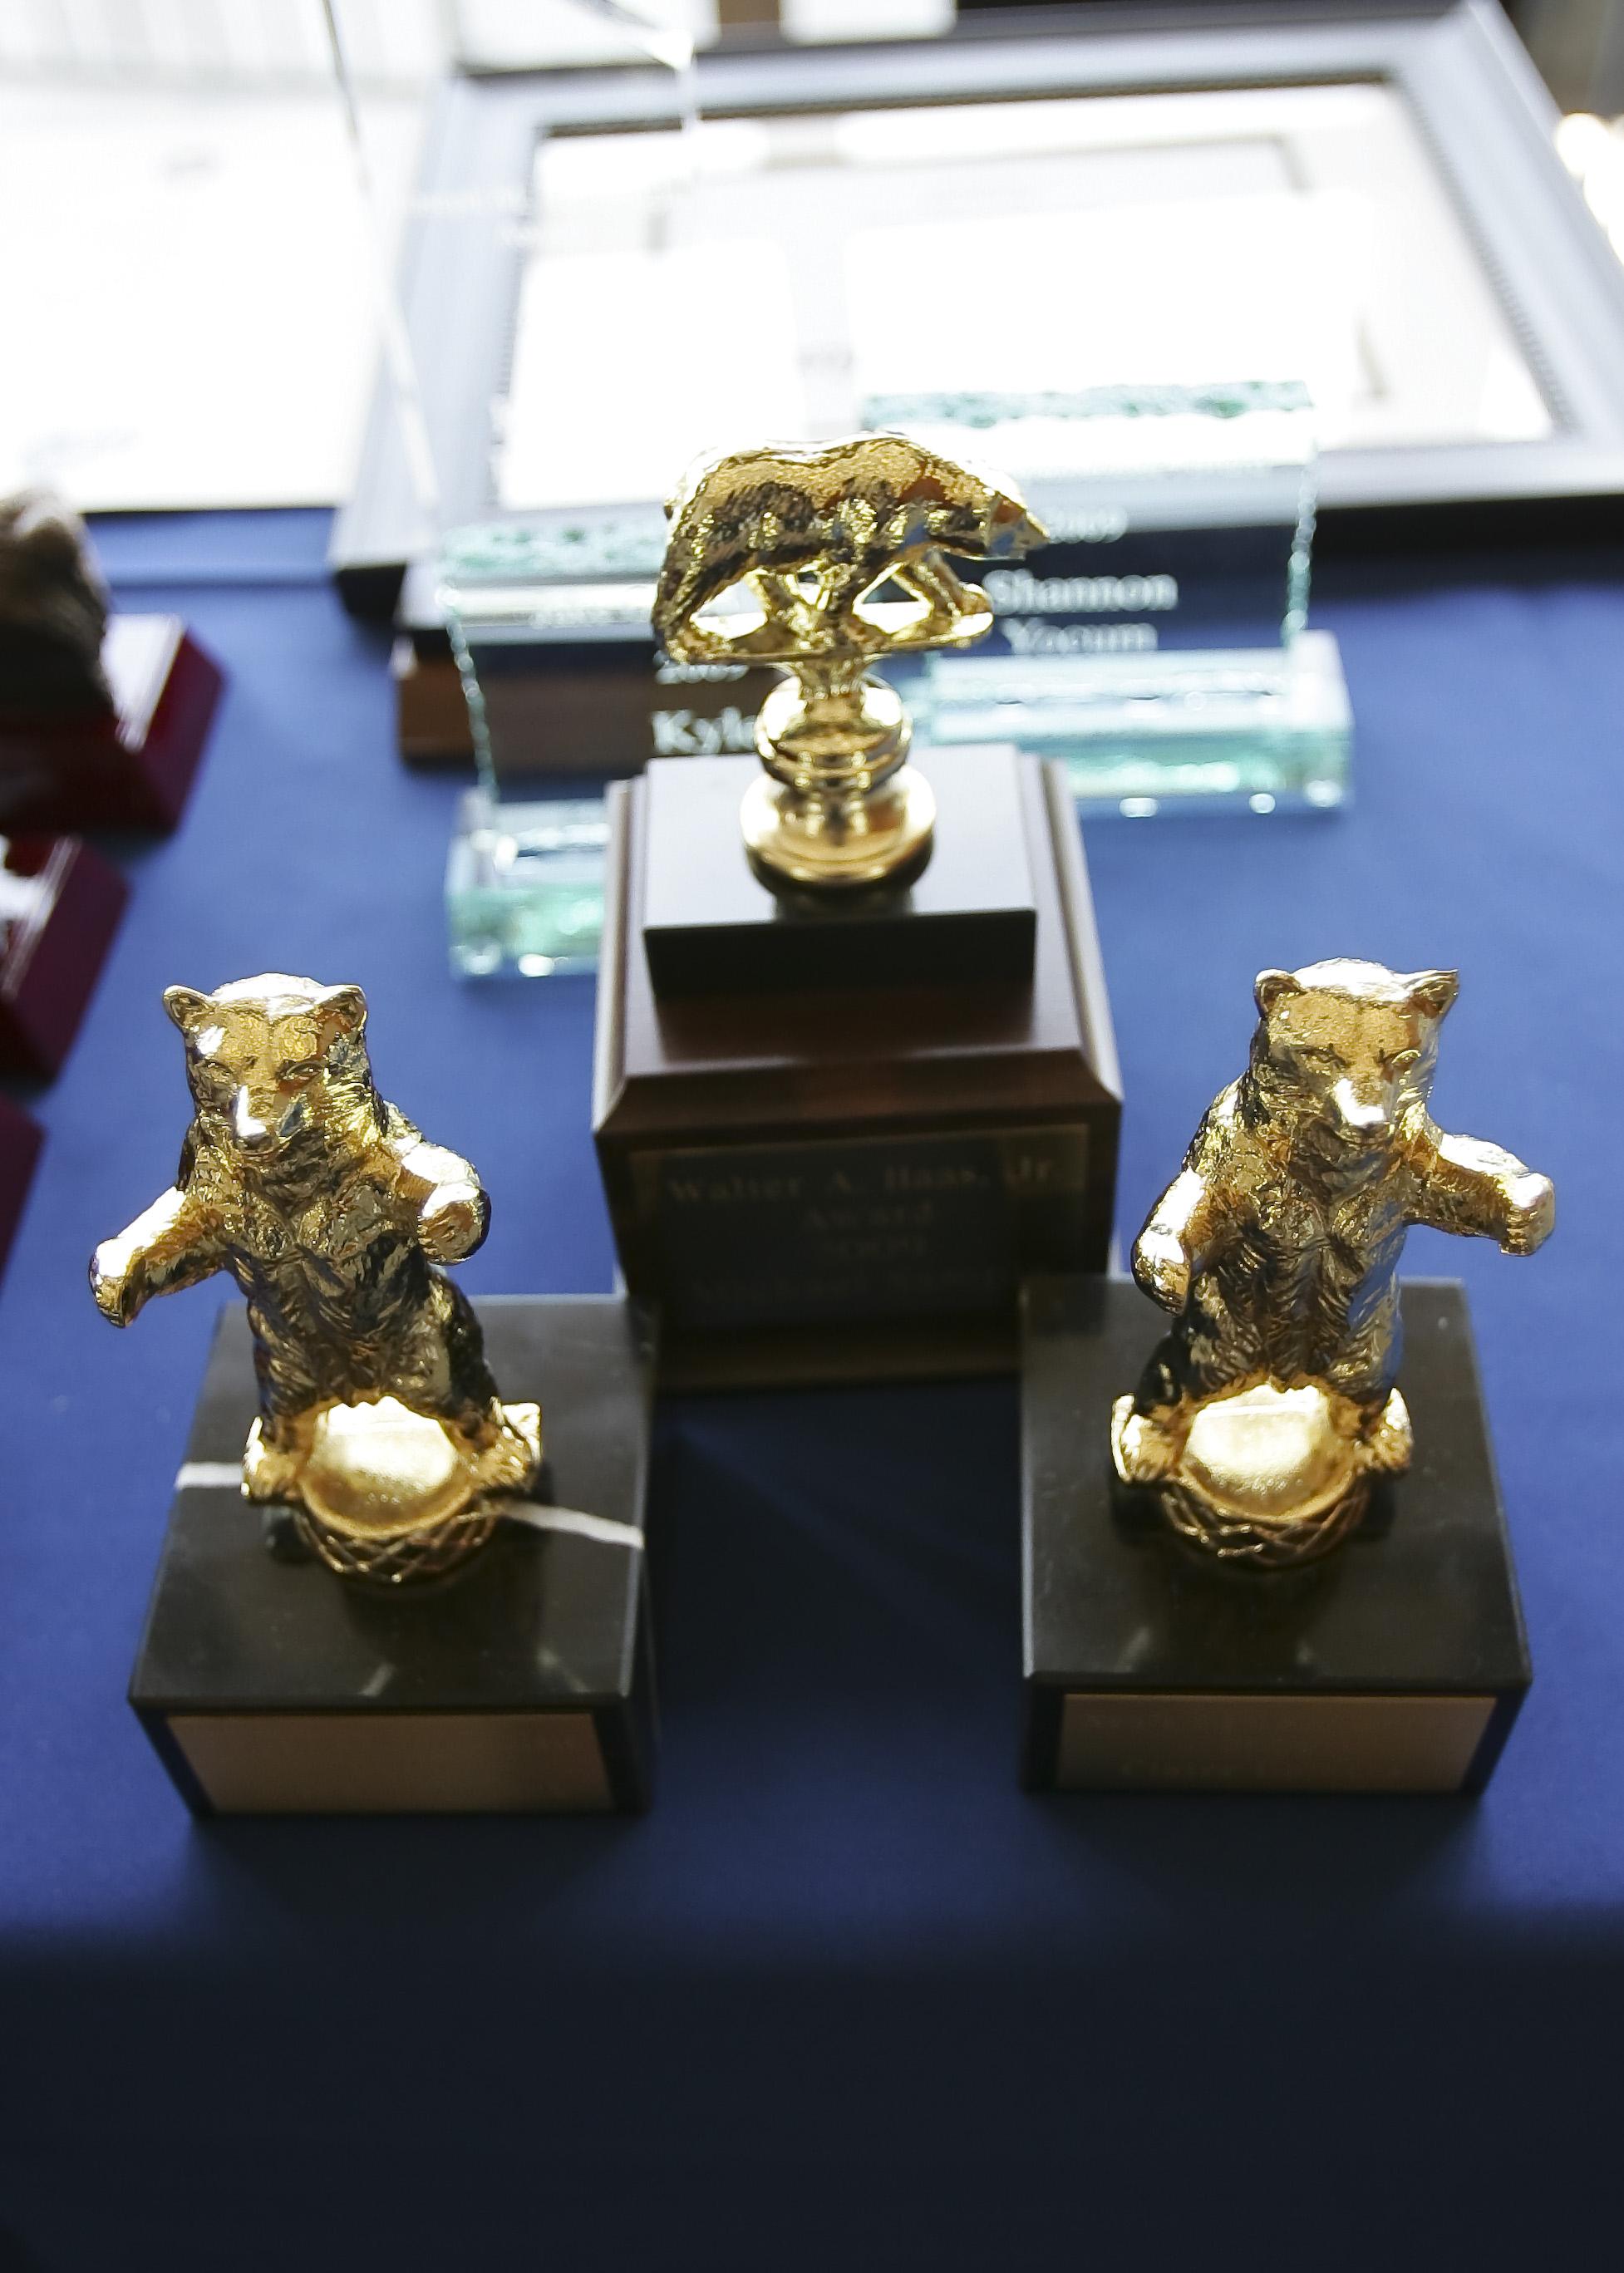 09 Honors Lunch bear awards 105 -KC.jpg